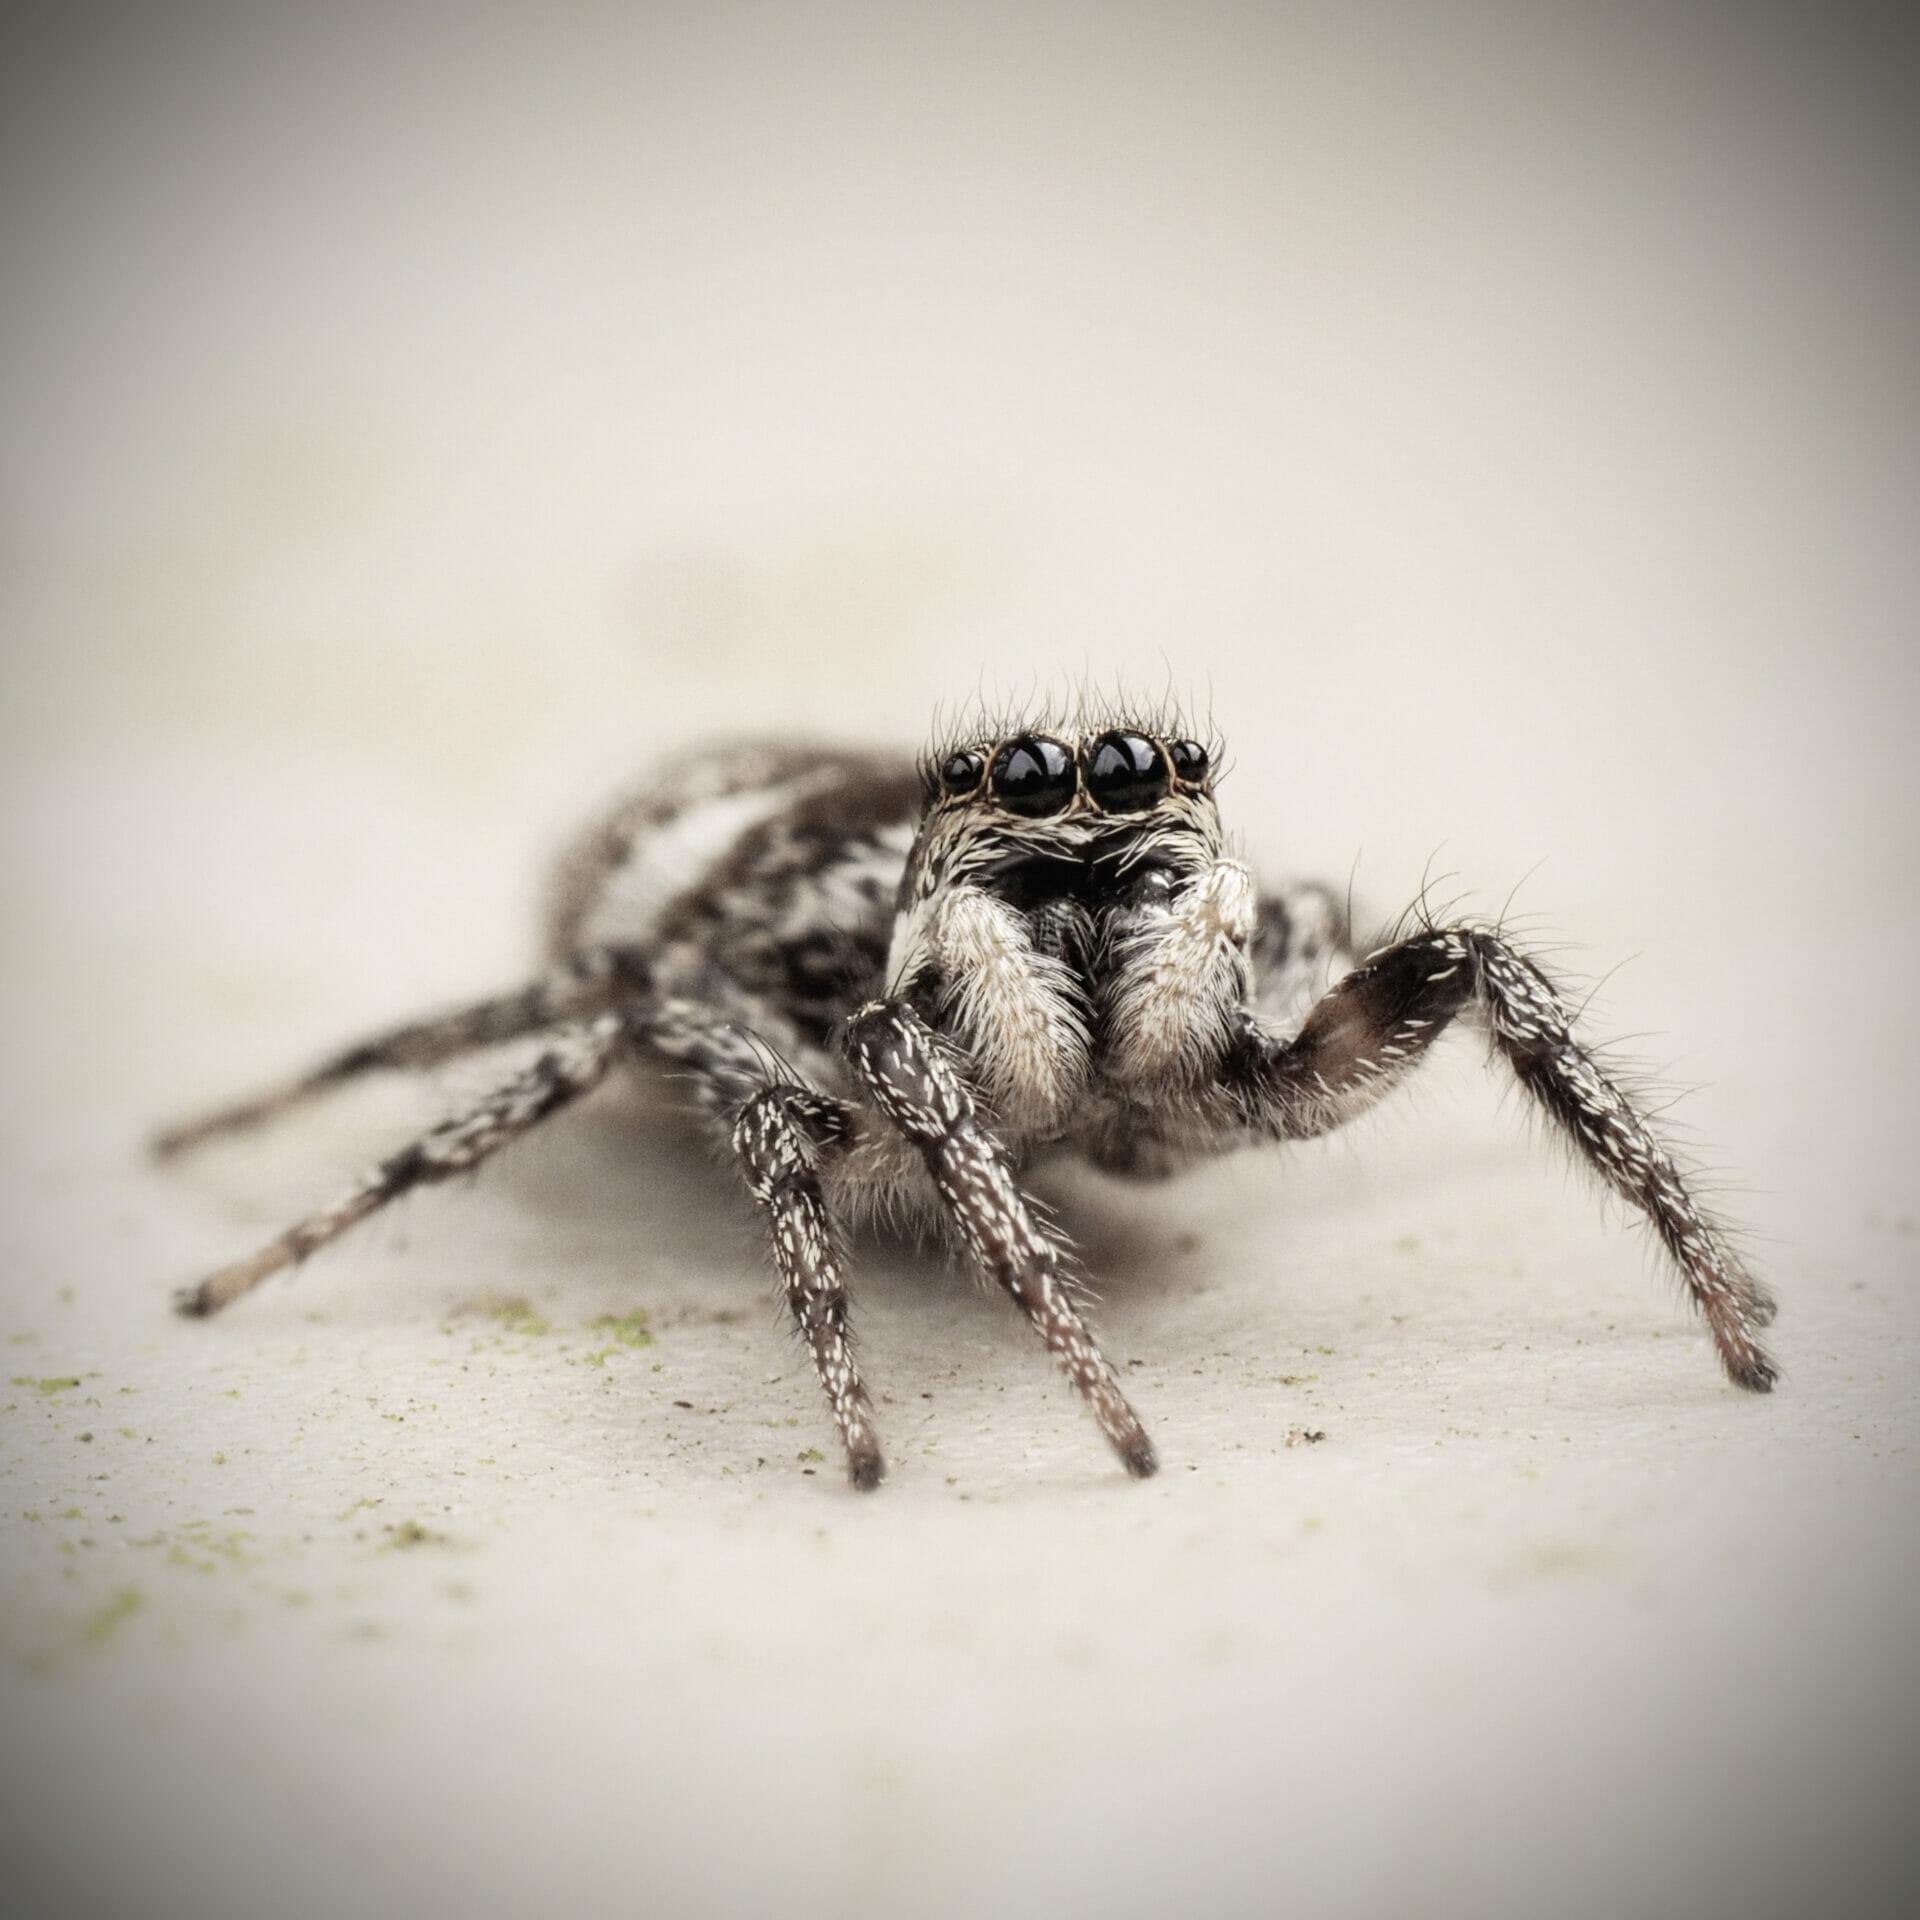 Macro / Close-Up Photograph of a garden spider